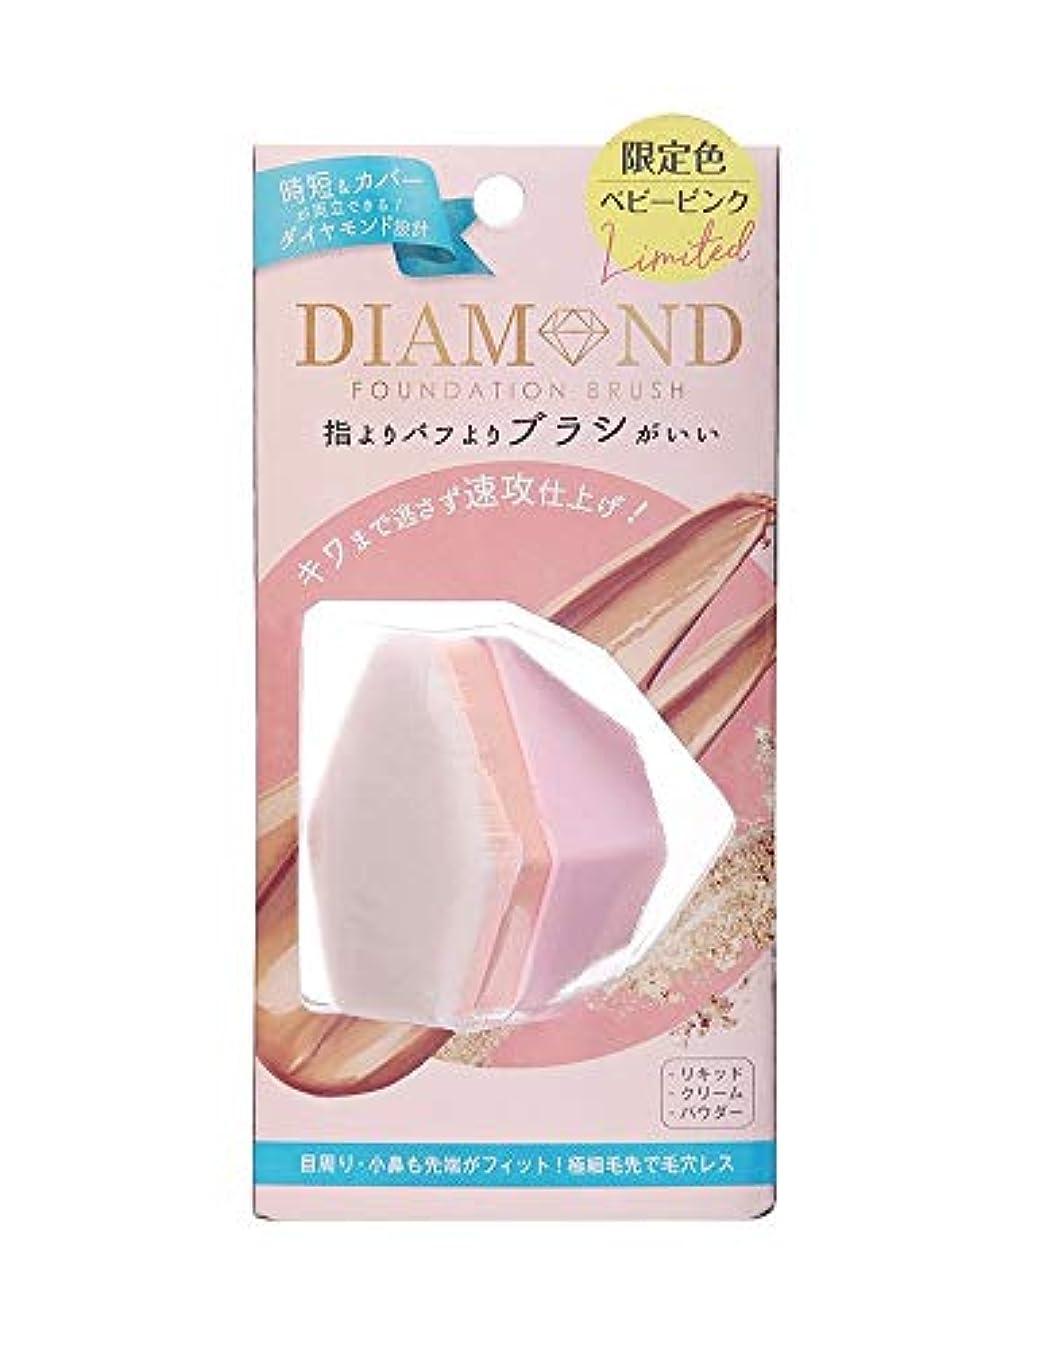 ために涙が出るハグラッキーウィンク ダイヤモンドファンデーションブラシ ベビーピンク DIB1501